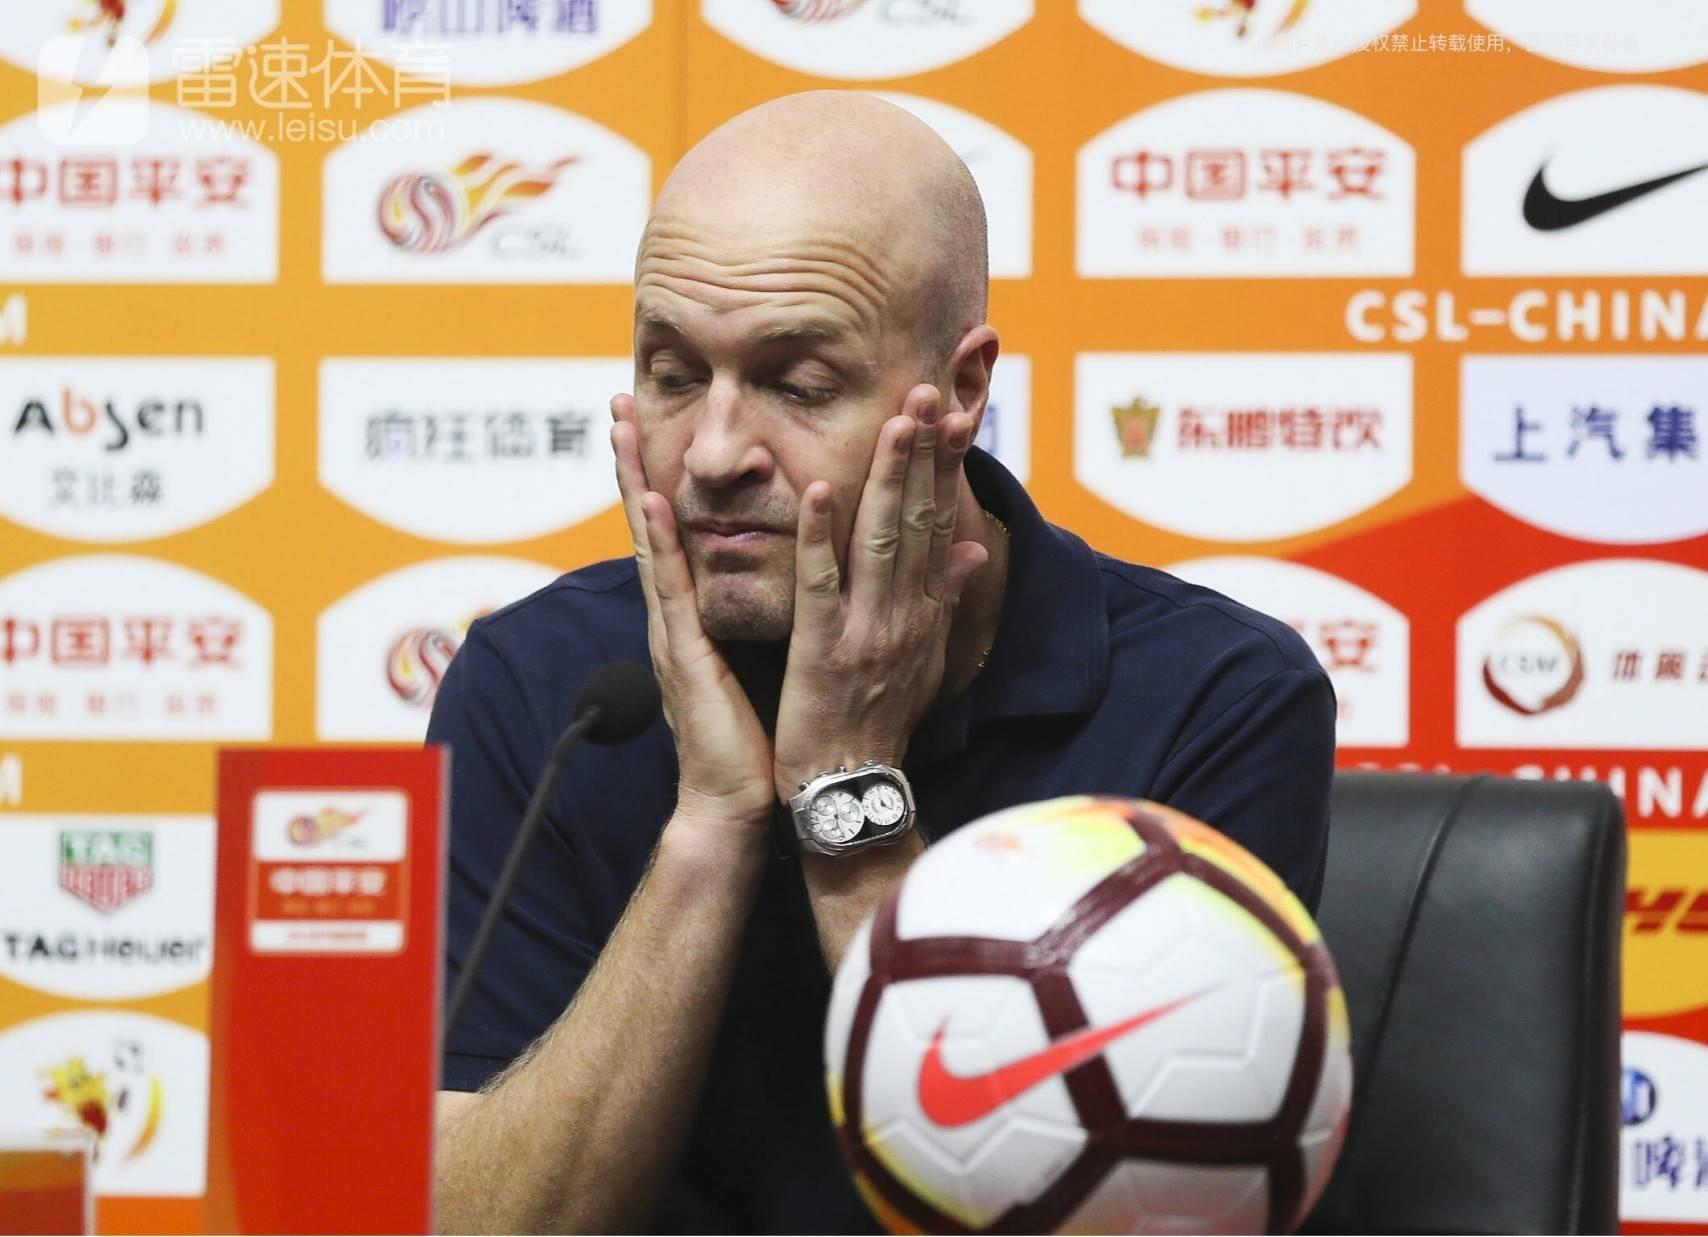 深圳佳兆业主教练小克鲁伊夫